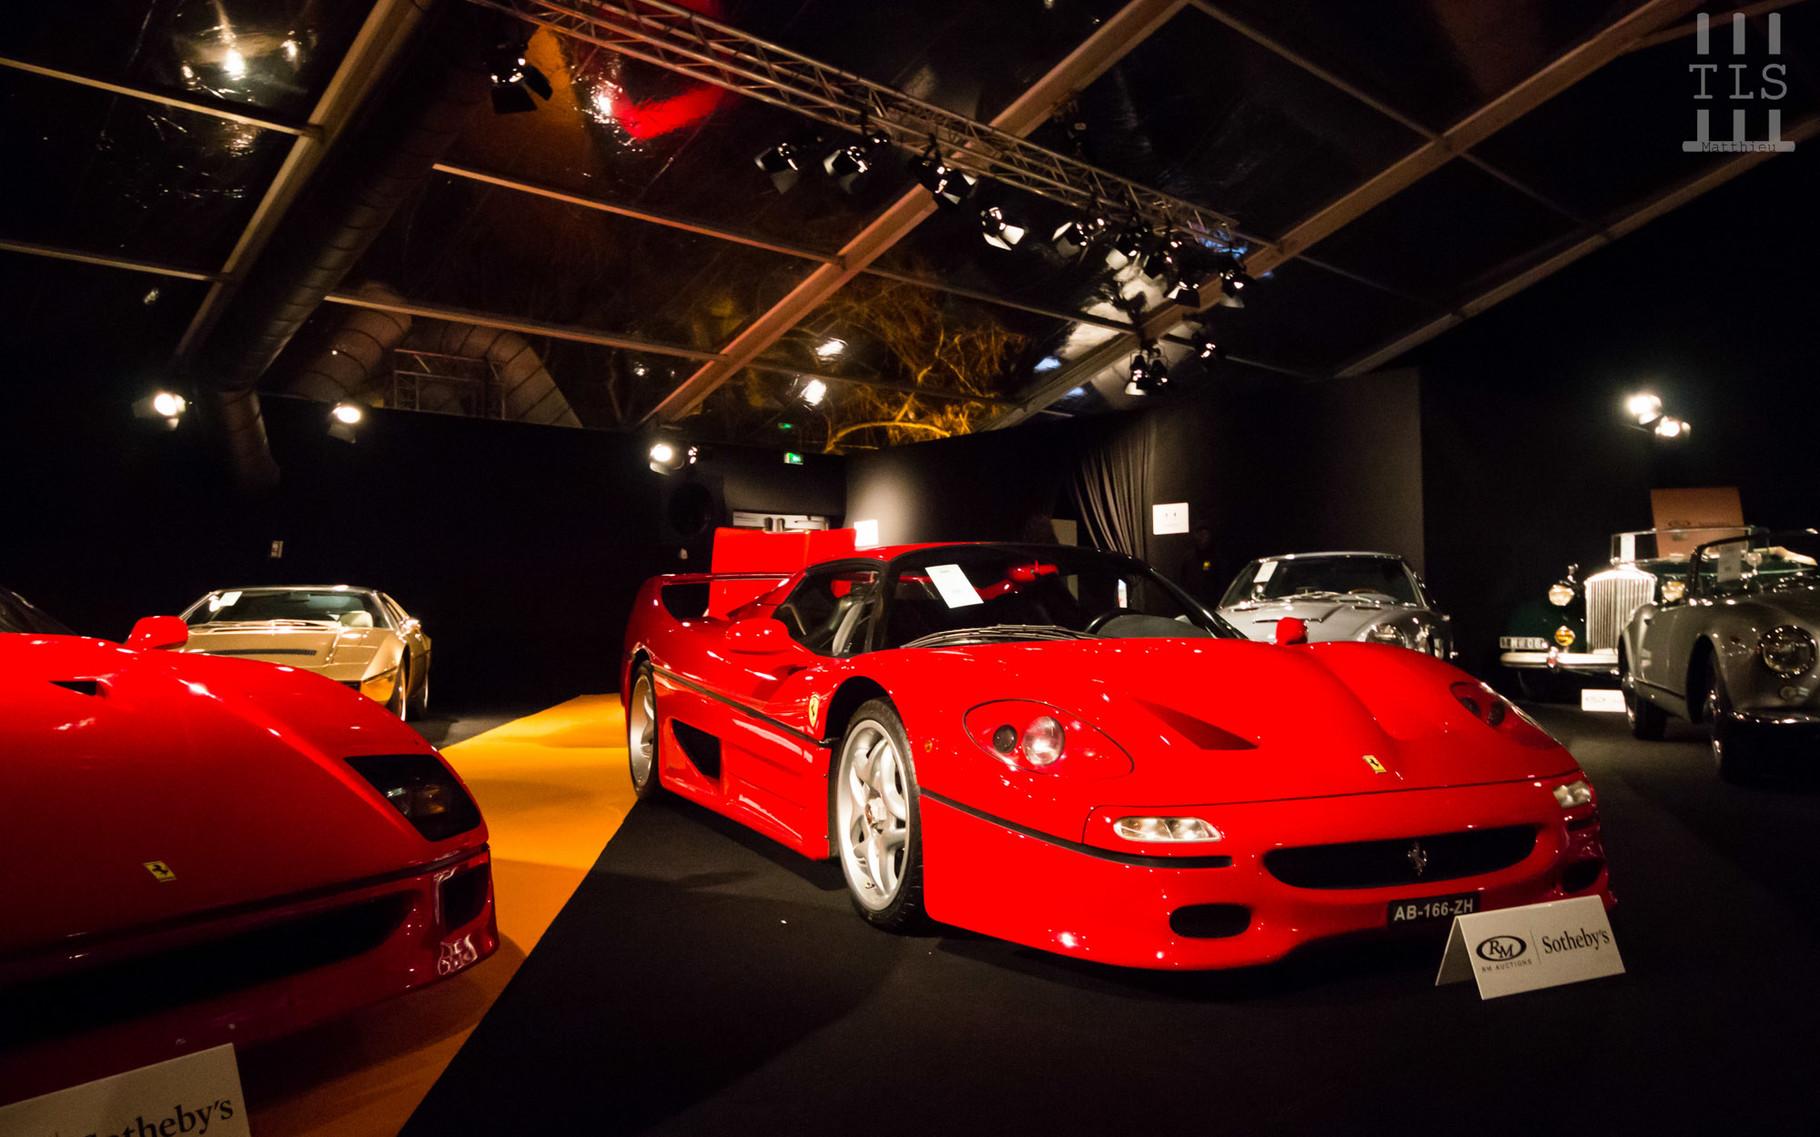 Ferrari F50, vendue à 1 275 000 euros.